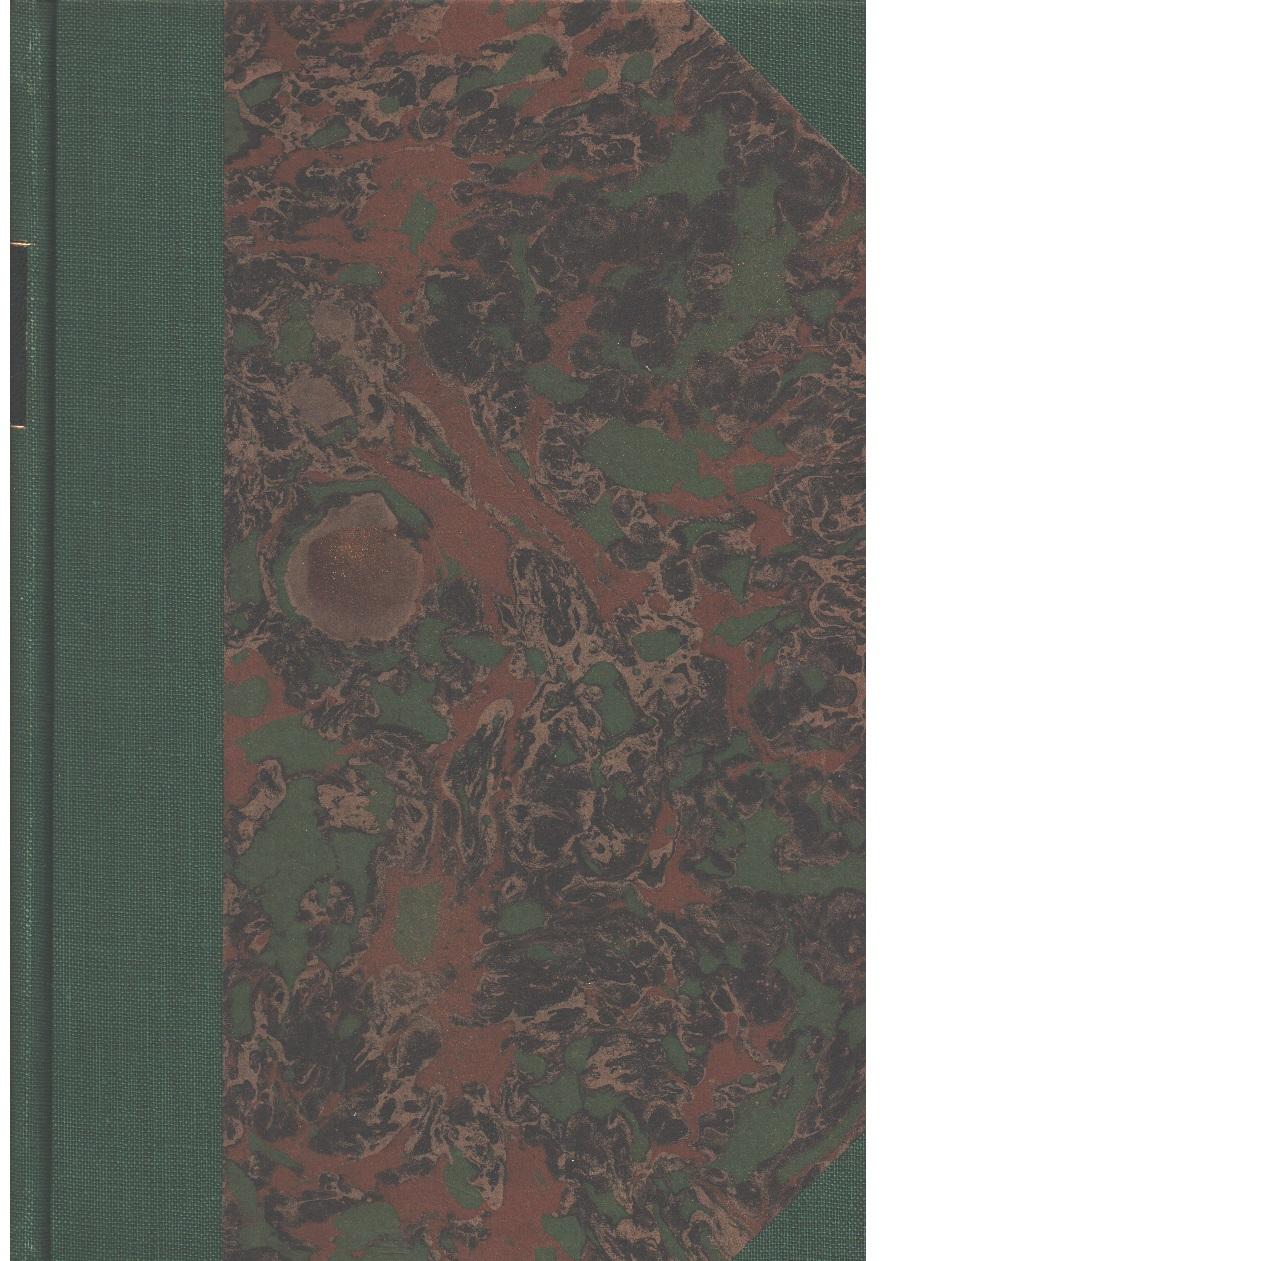 Västerbotten 1943-45 : Västerbottens läns hembygdsförenings årsbok - Red.